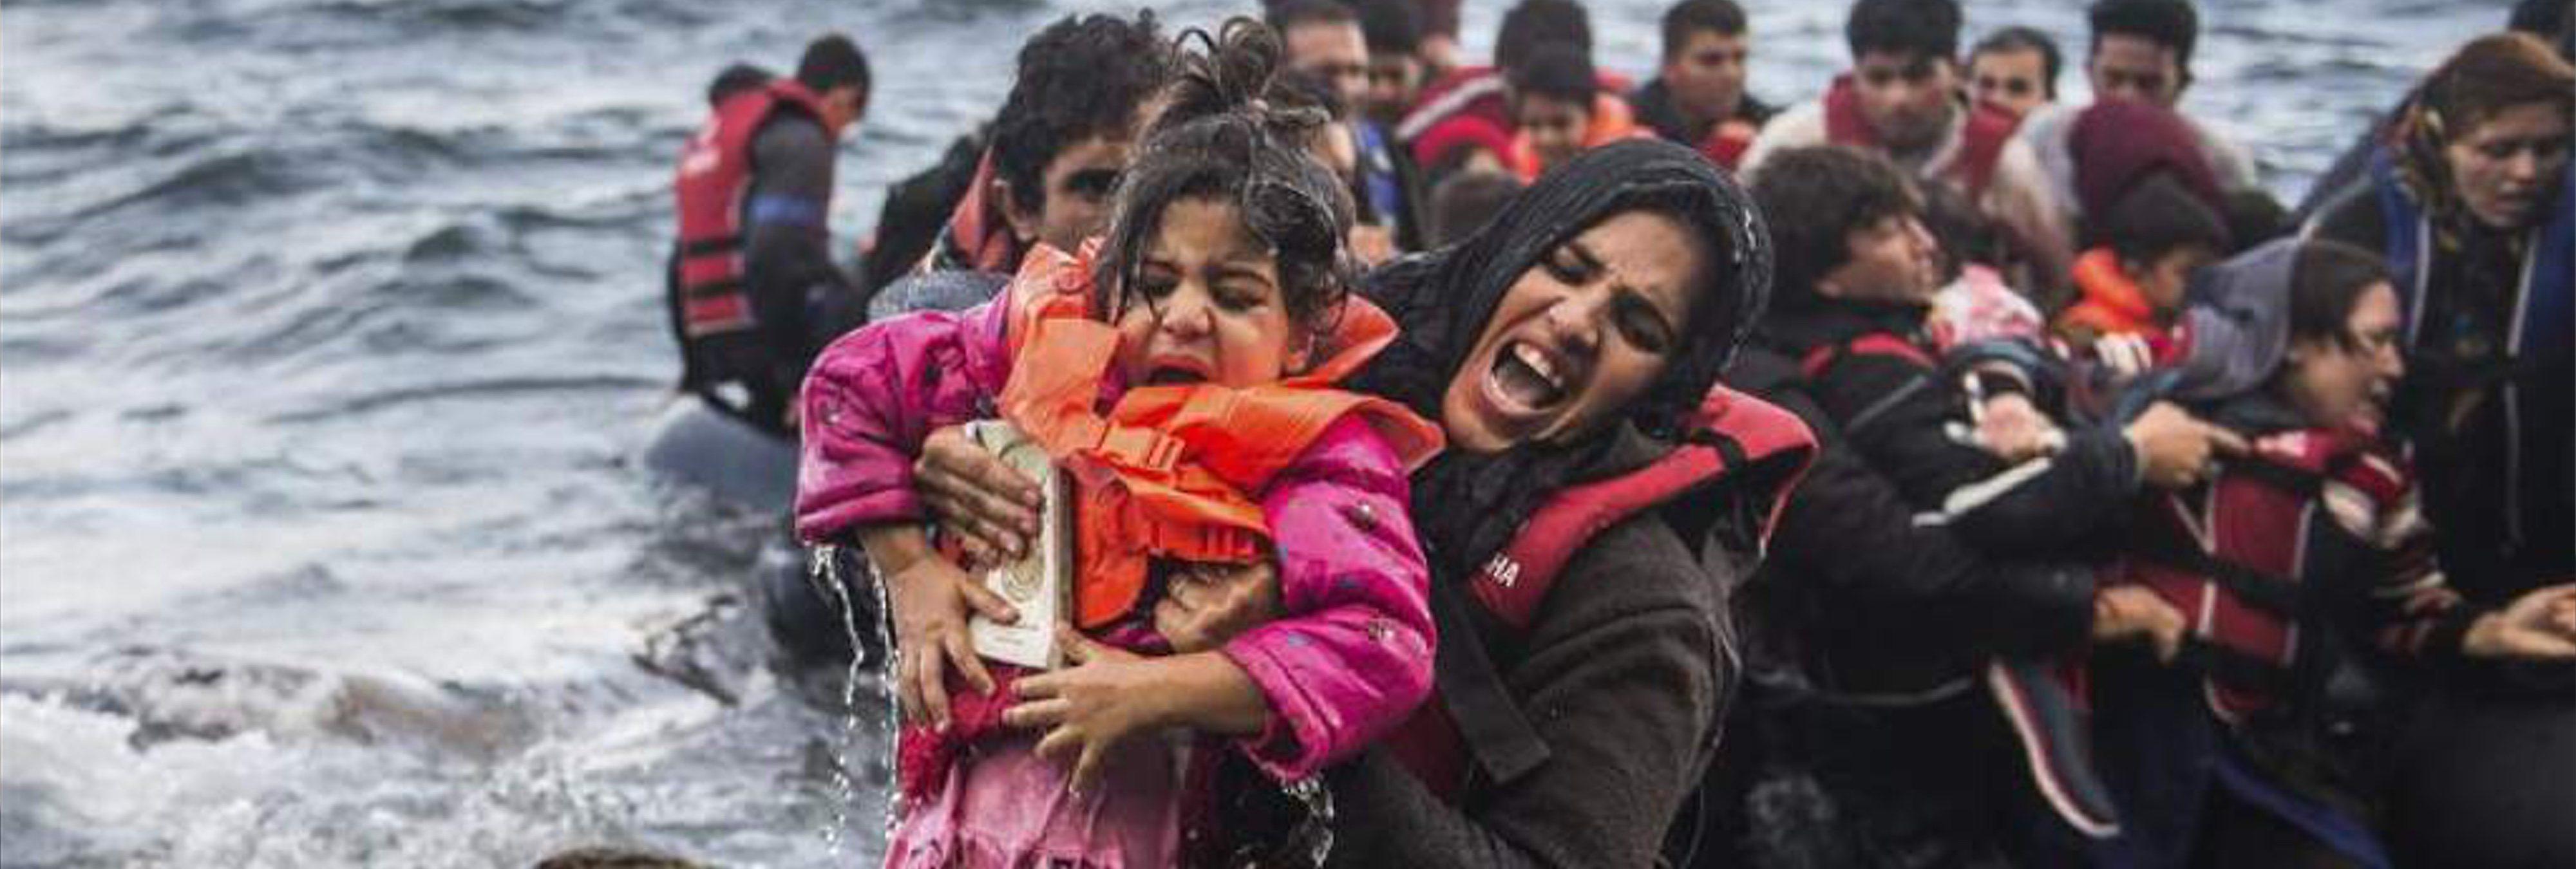 Los datos hablan: los inmigrantes no tienen más facilidad para obtener ayudas en España